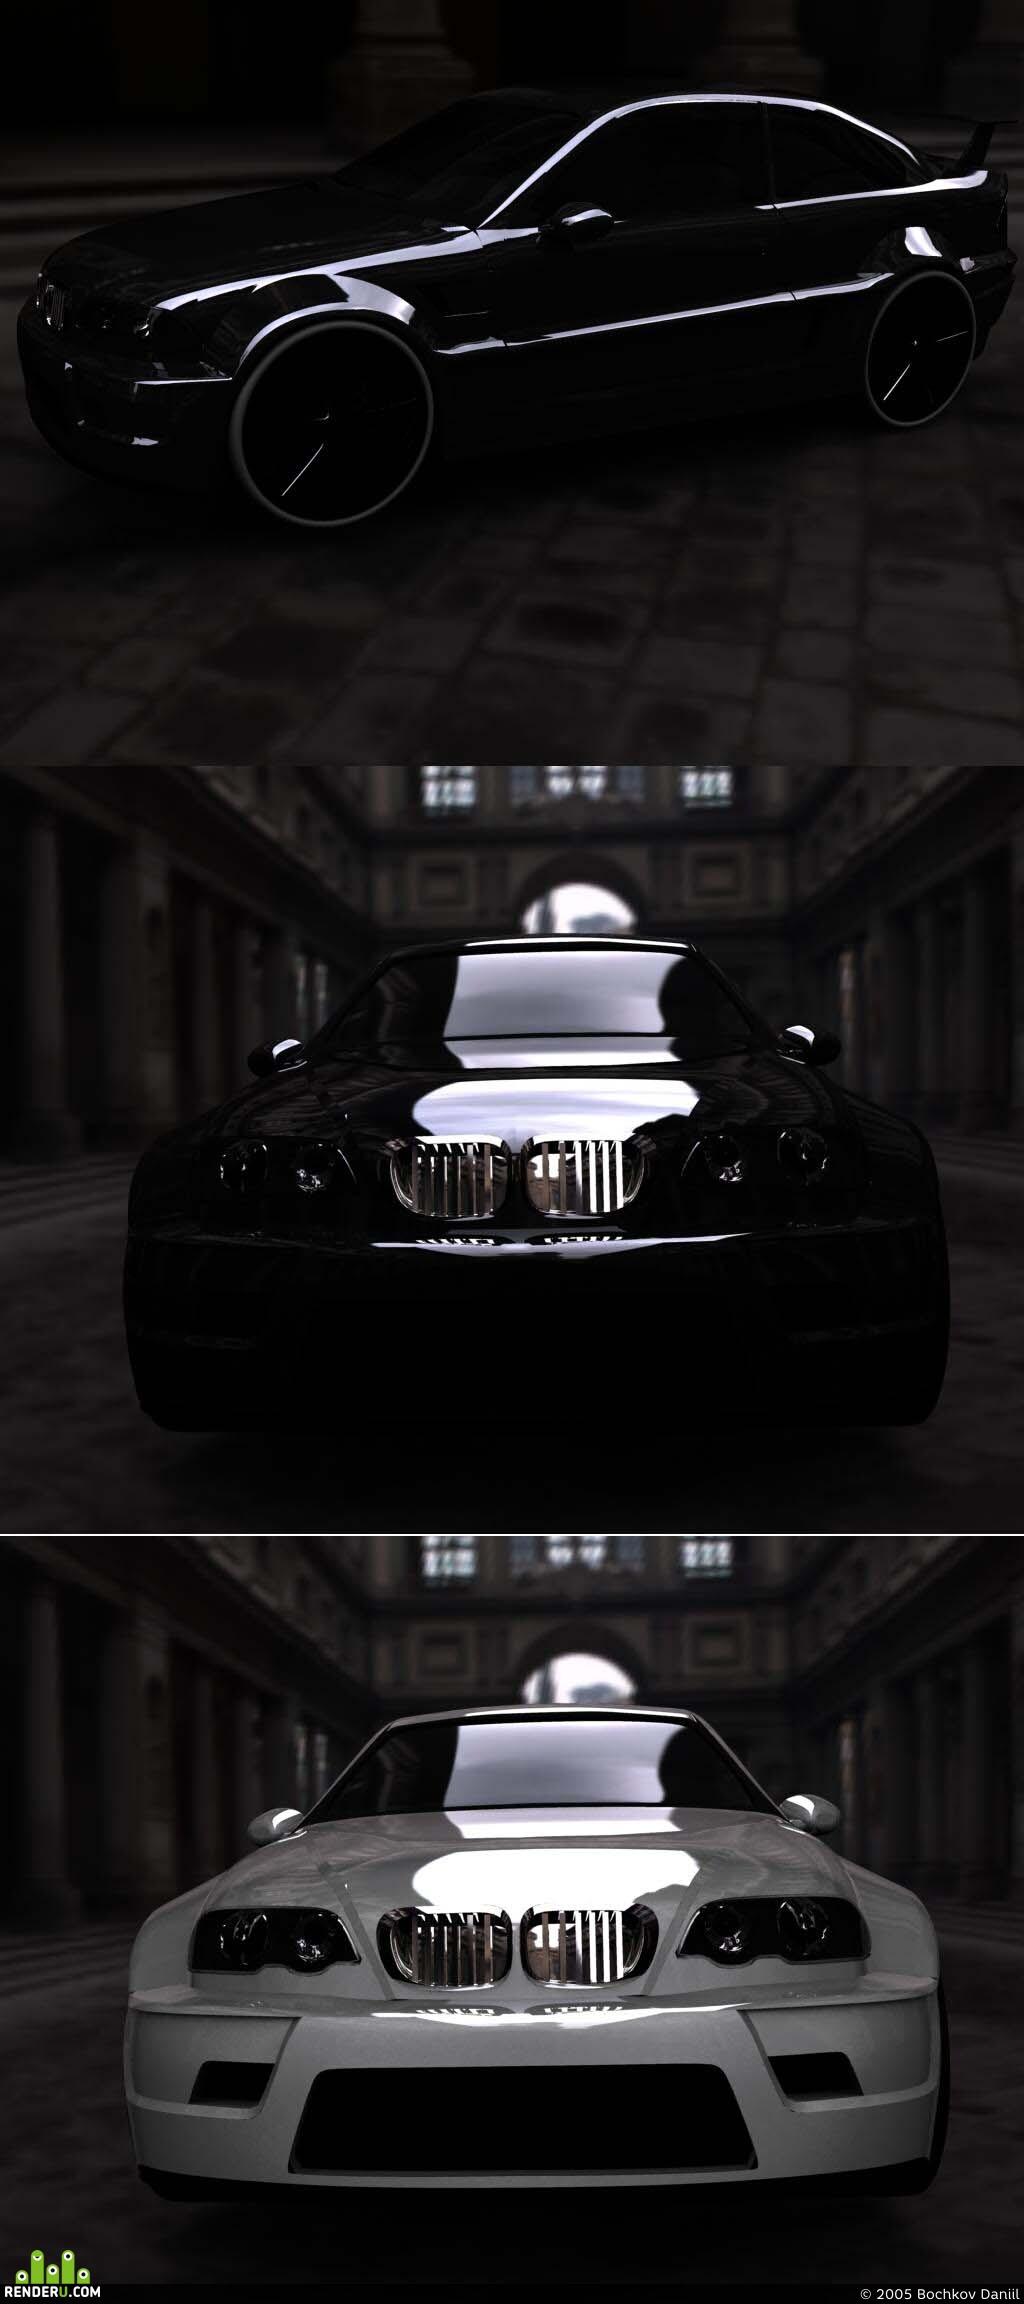 preview BMW M3 Csl+body kit